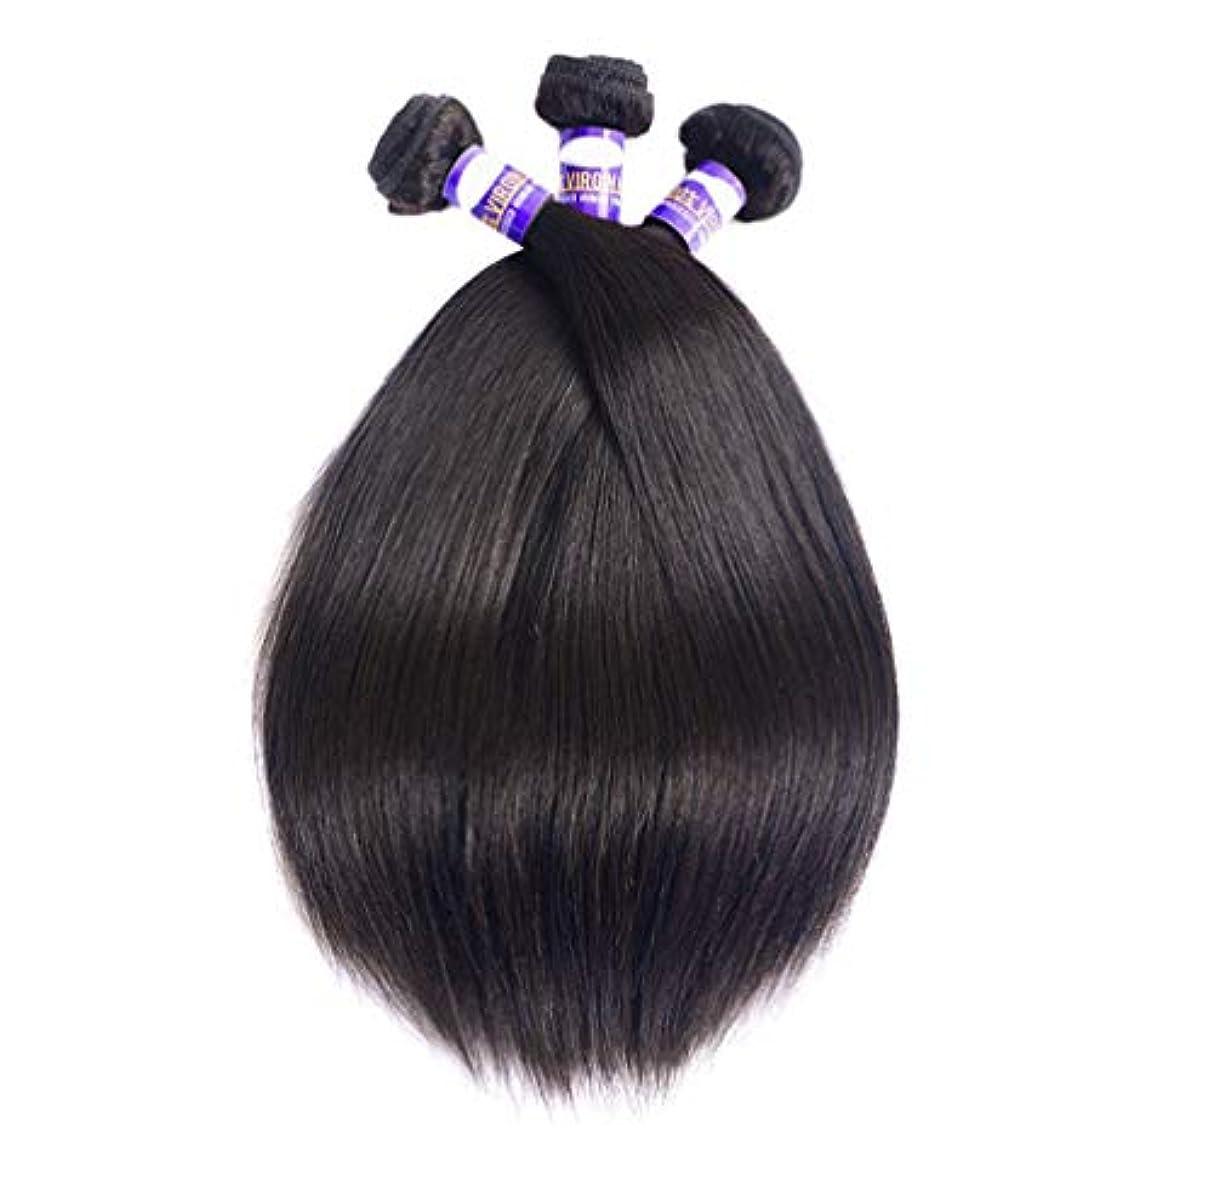 咲くアボート磨かれた女性ブラジル髪織り髪束ストレートフリーパーツ未処理ブラジルストレート髪バンドル8Aストレート人間の髪の束(3バンドル)